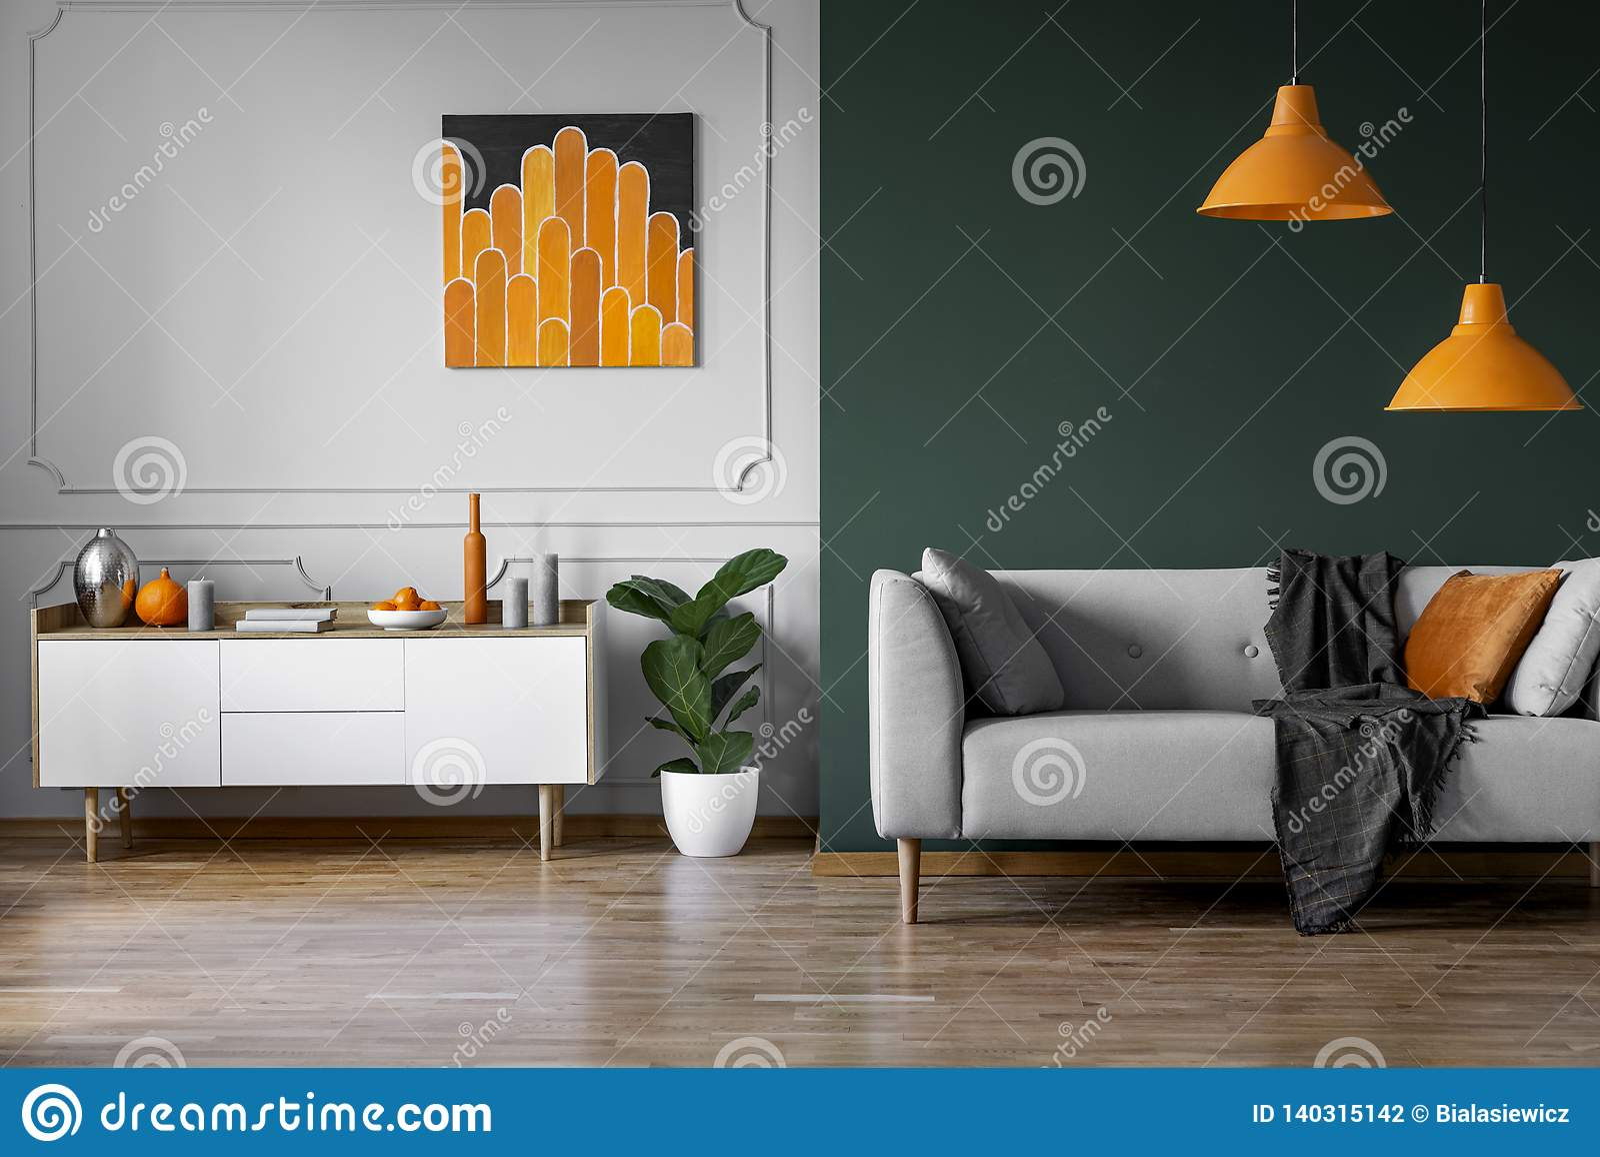 Peinture Orange Abstraite Sur Le Mur Gris Du Salon élégant ...